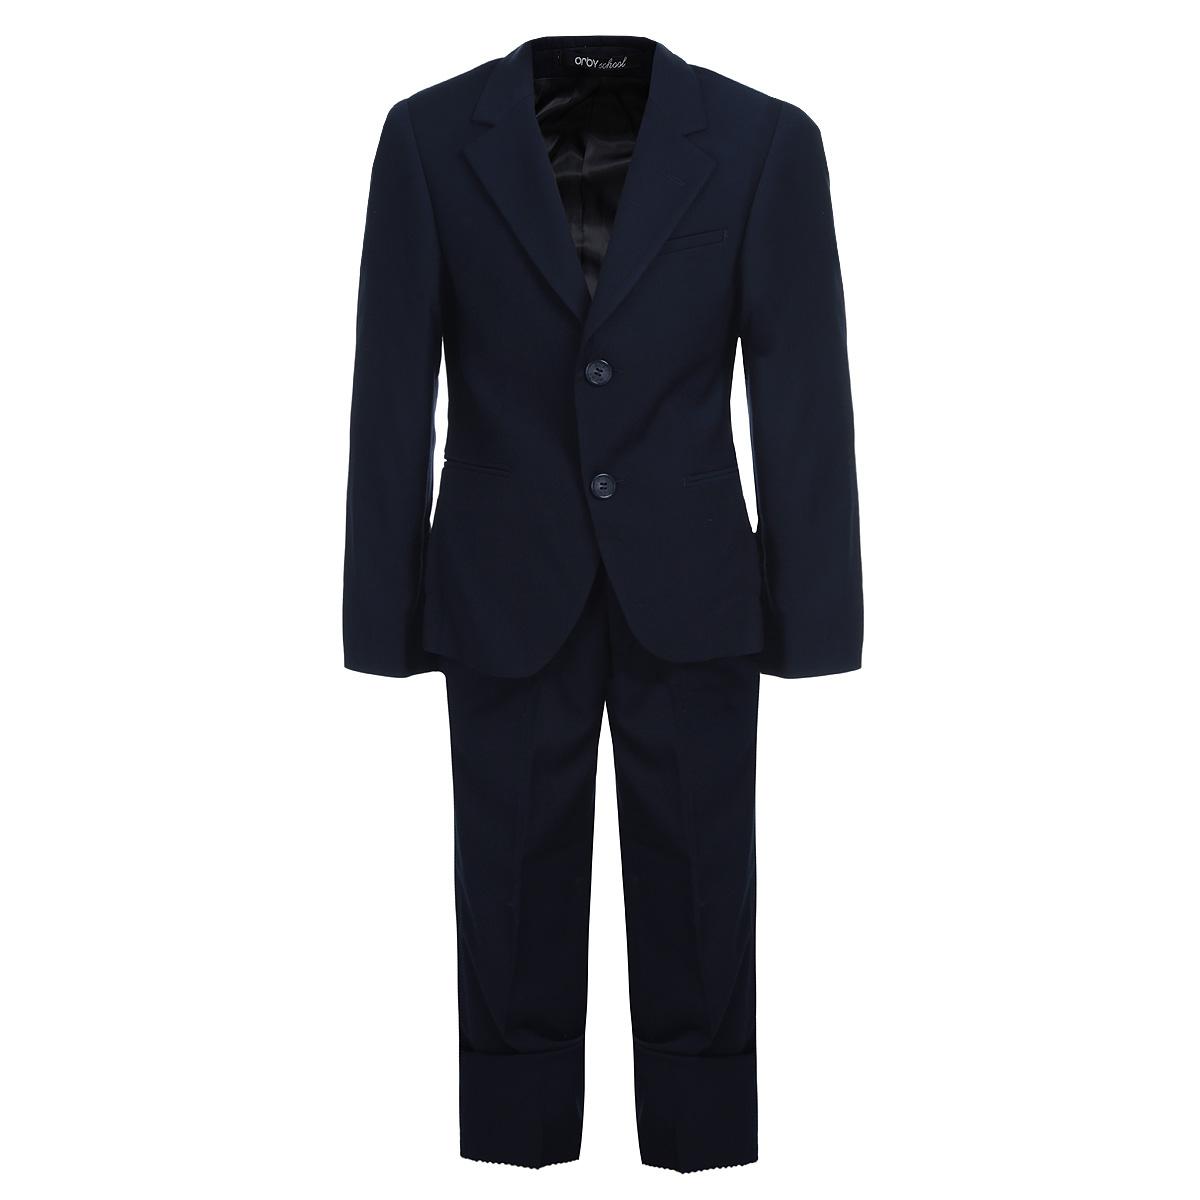 Костюм для мальчика. 6301763017Классический костюм для мальчика Orby, состоящий из пиджака и брюк - основа делового стиля, а значит и в школьном гардеробе ребенка - это базовый атрибут, необходимый для будней и праздников. Правильно подобранный костюм - тайное оружие каждого парня! Изготовленный из высококачественной костюмной ткани, он необычайно мягкий и приятный на ощупь, не сковывает движения и позволяет коже дышать, не раздражает даже самую нежную и чувствительную кожу ребенка, обеспечивая ему наибольший комфорт. На подкладке используется гладкая подкладочная ткань. Классический пиджак приталенного силуэта с английским воротником с зауженным лацканом застегивается на две пуговицы. Спереди он дополнен двумя прорезными карманами и небольшим нагрудным кармашком, а сзади имеется шлица. Также имеется внутренний кармашек для мобильного телефона, ключей или других мелких предметов. Внутренняя обработка пиджака, сделанная по самым высоким стандартам мужской моды, придает костюму солидность. Низ рукавов...